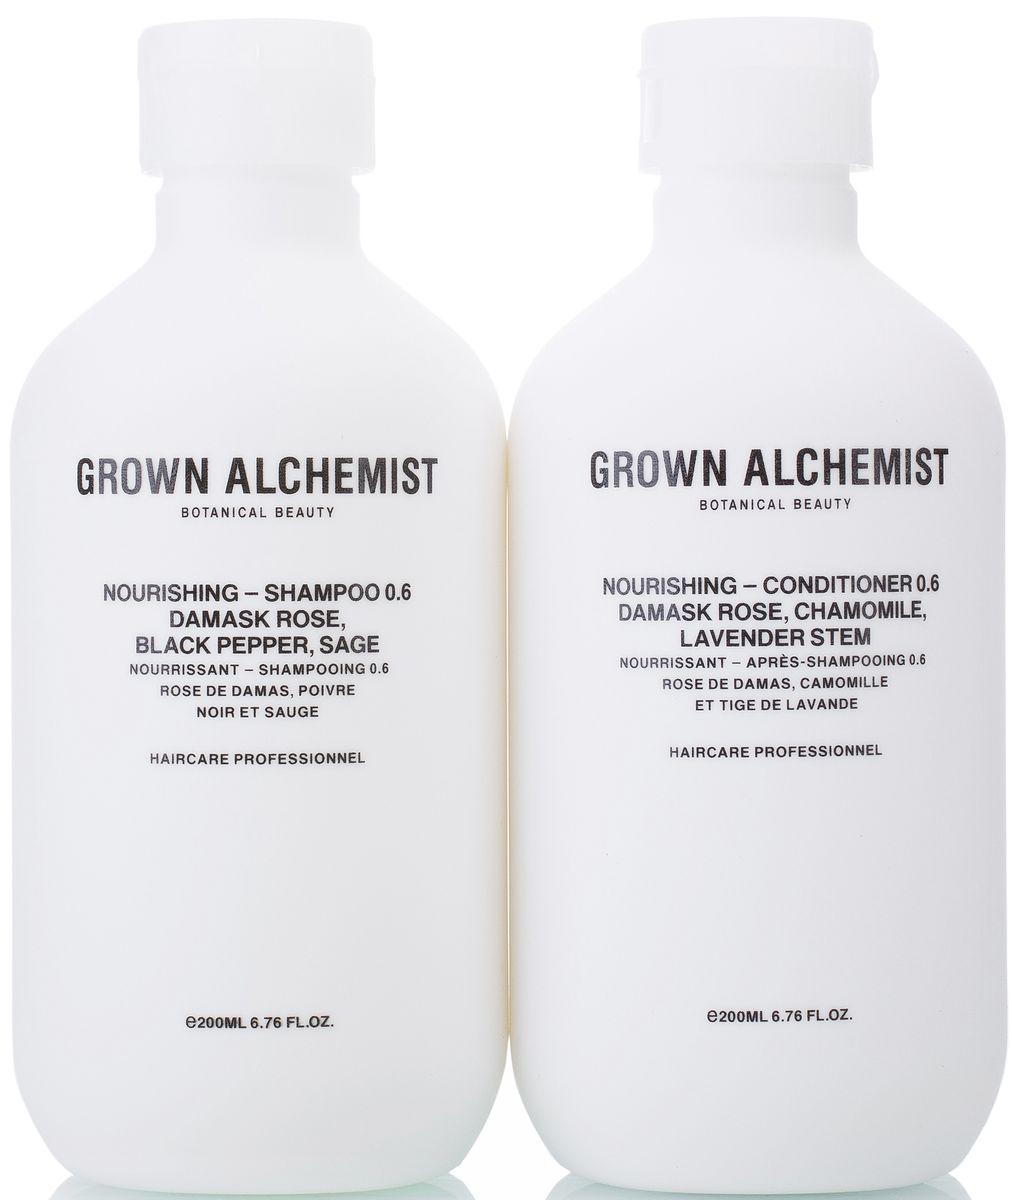 Grown Alchemist Набор для волос Питательный: кондиционер, шампунь, 2 х 200 млGESS-306В набор входит: Питательный шампунь 200 мл, Питательный кондиционер 200 мл